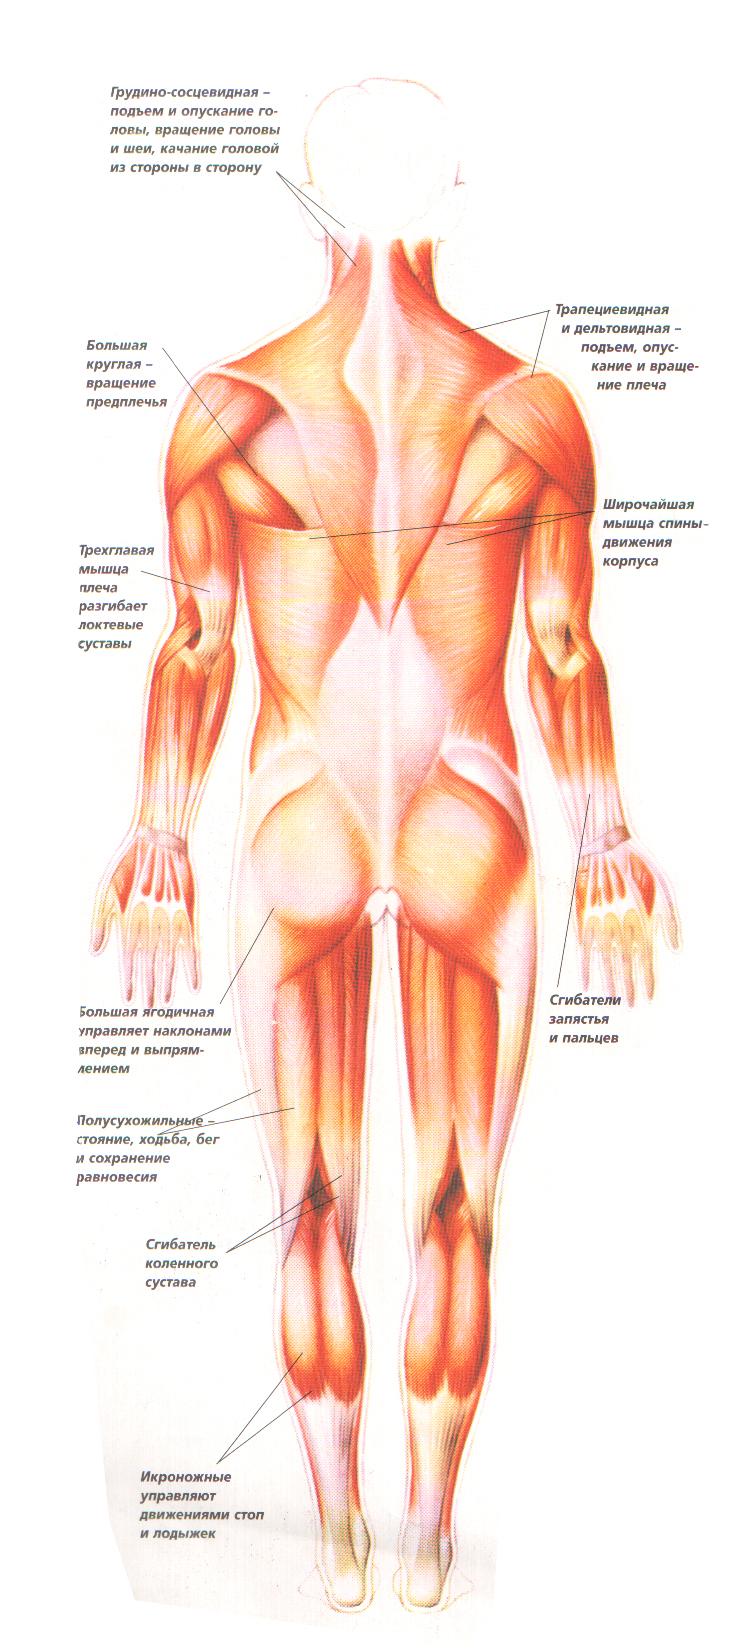 Движение костей в суставах осуществляется гладкими мышцами краевой отрыв кортикального локтевого сустава